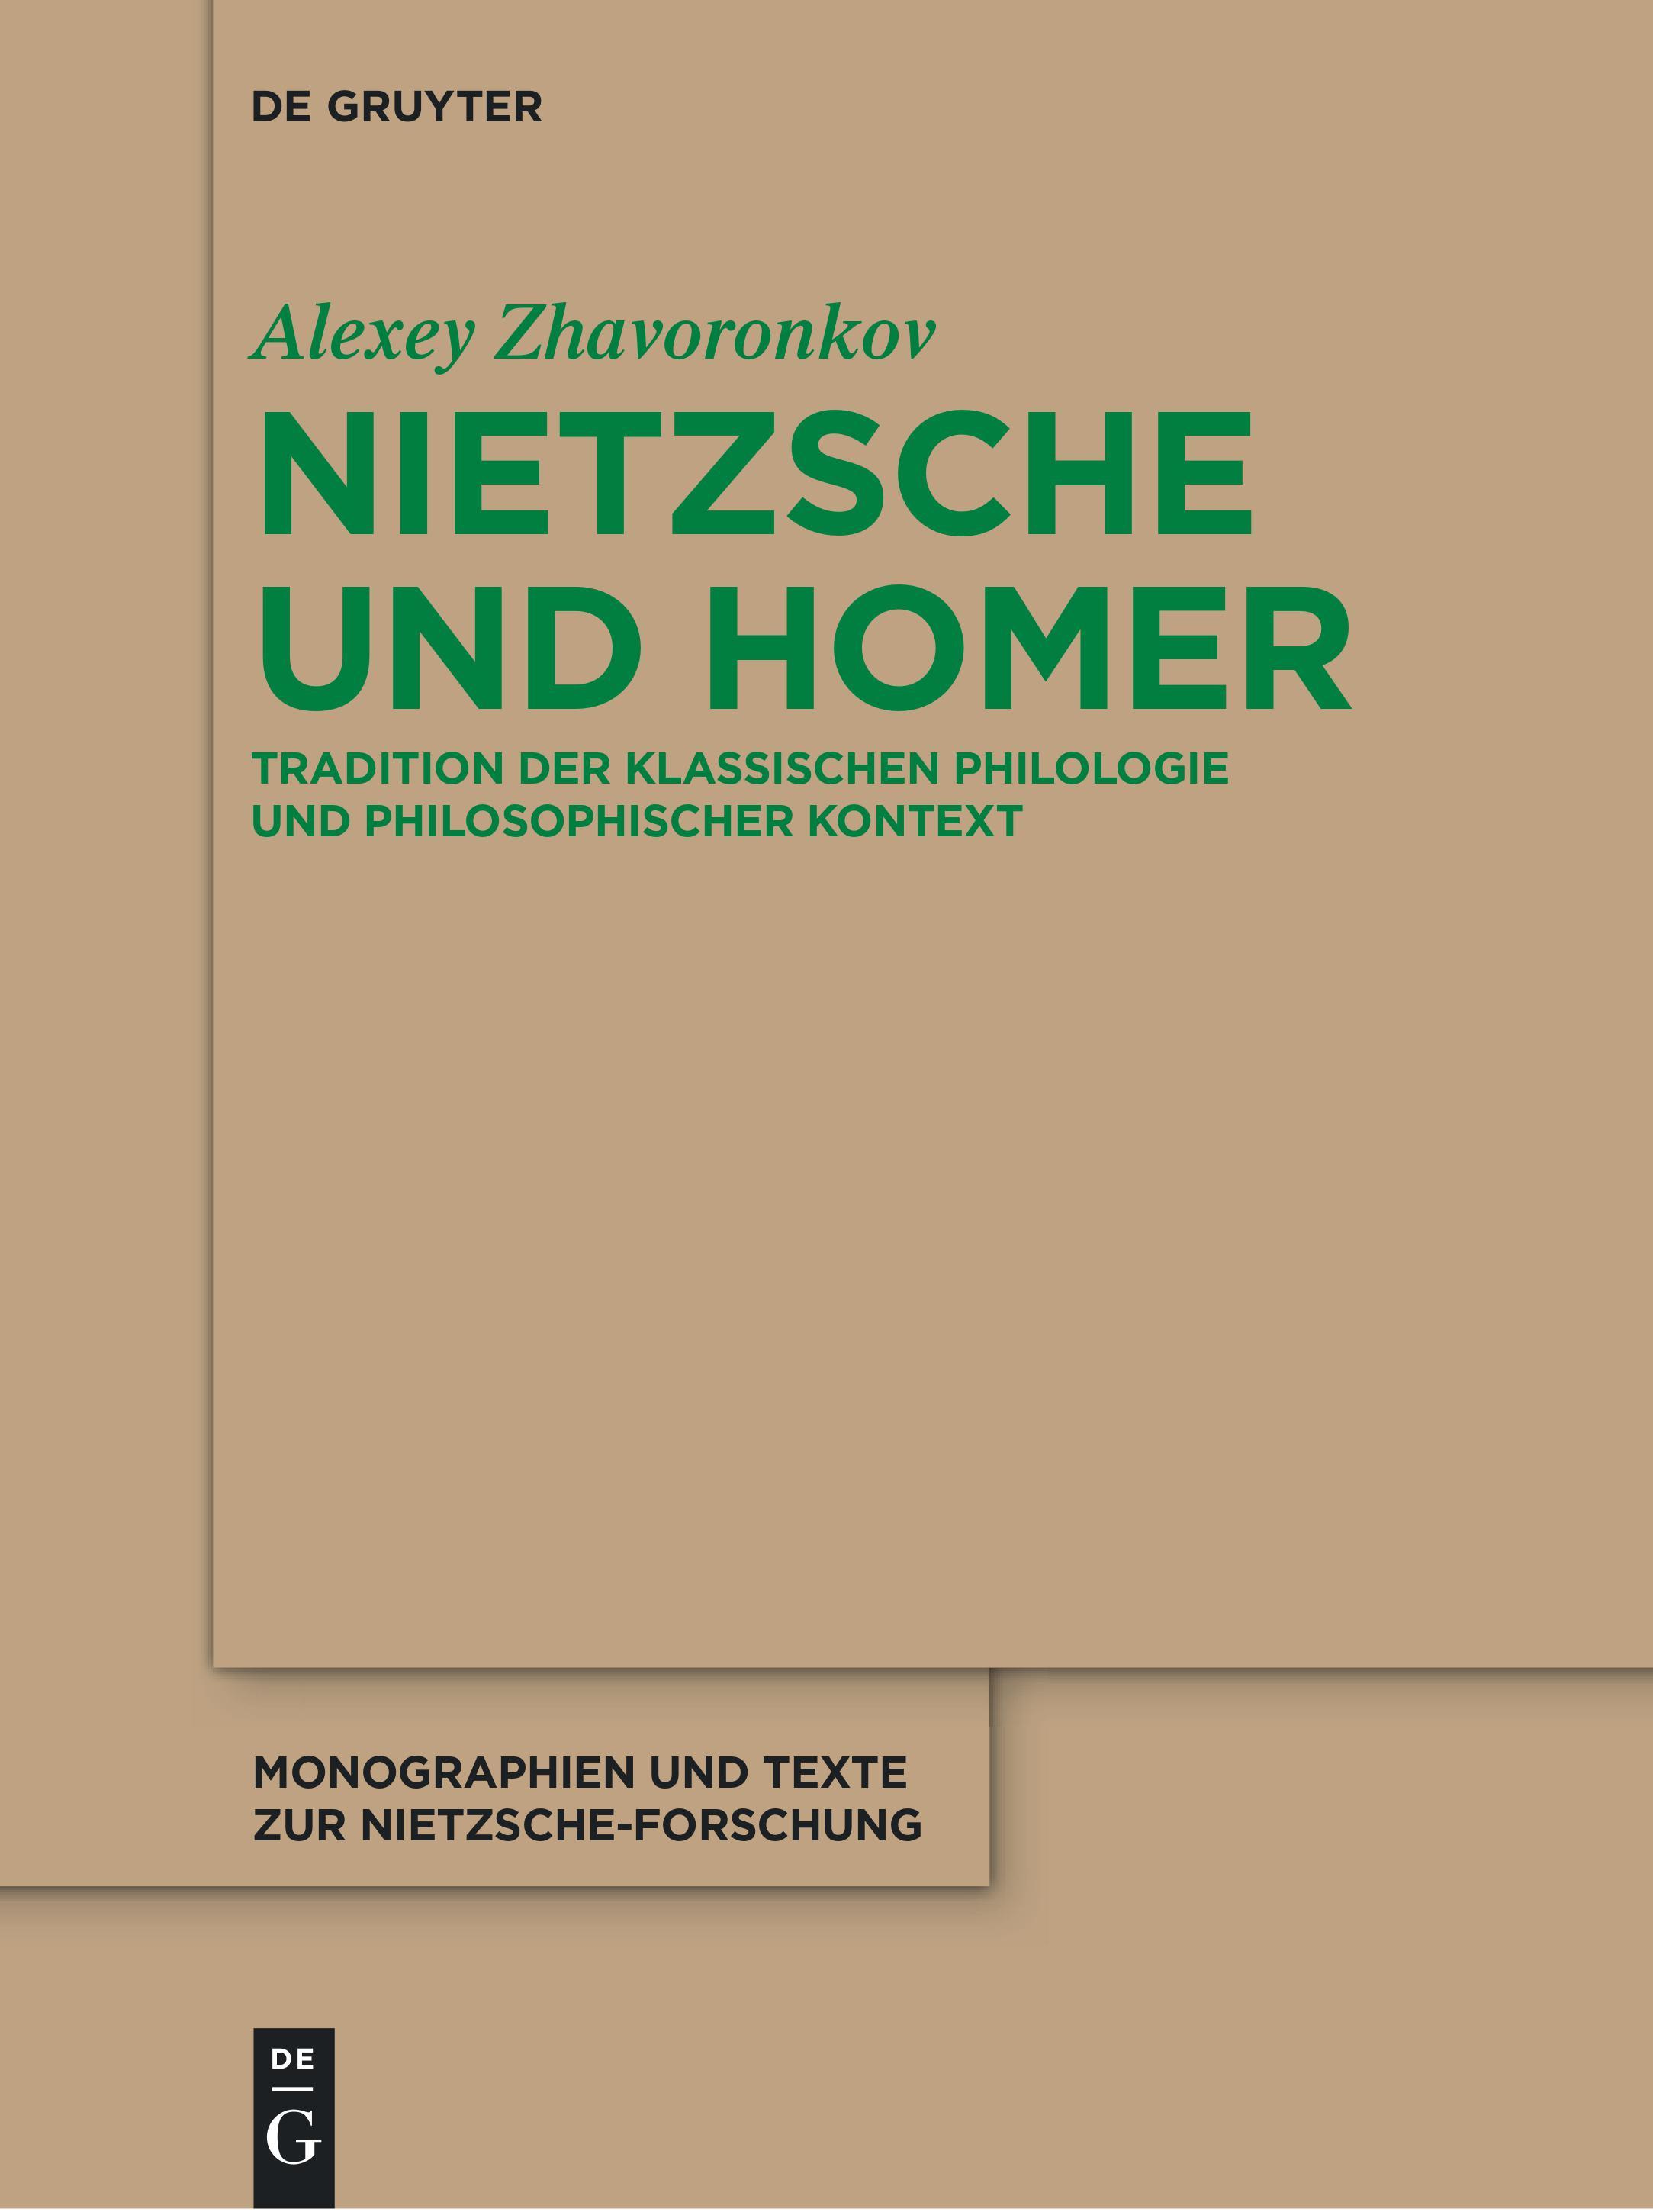 [Жаворонков А.Г. Ницше и Гомер: Традиция классическойфилологии и философский контекст]. Berlin/Boston: De Gruyter, 2021.